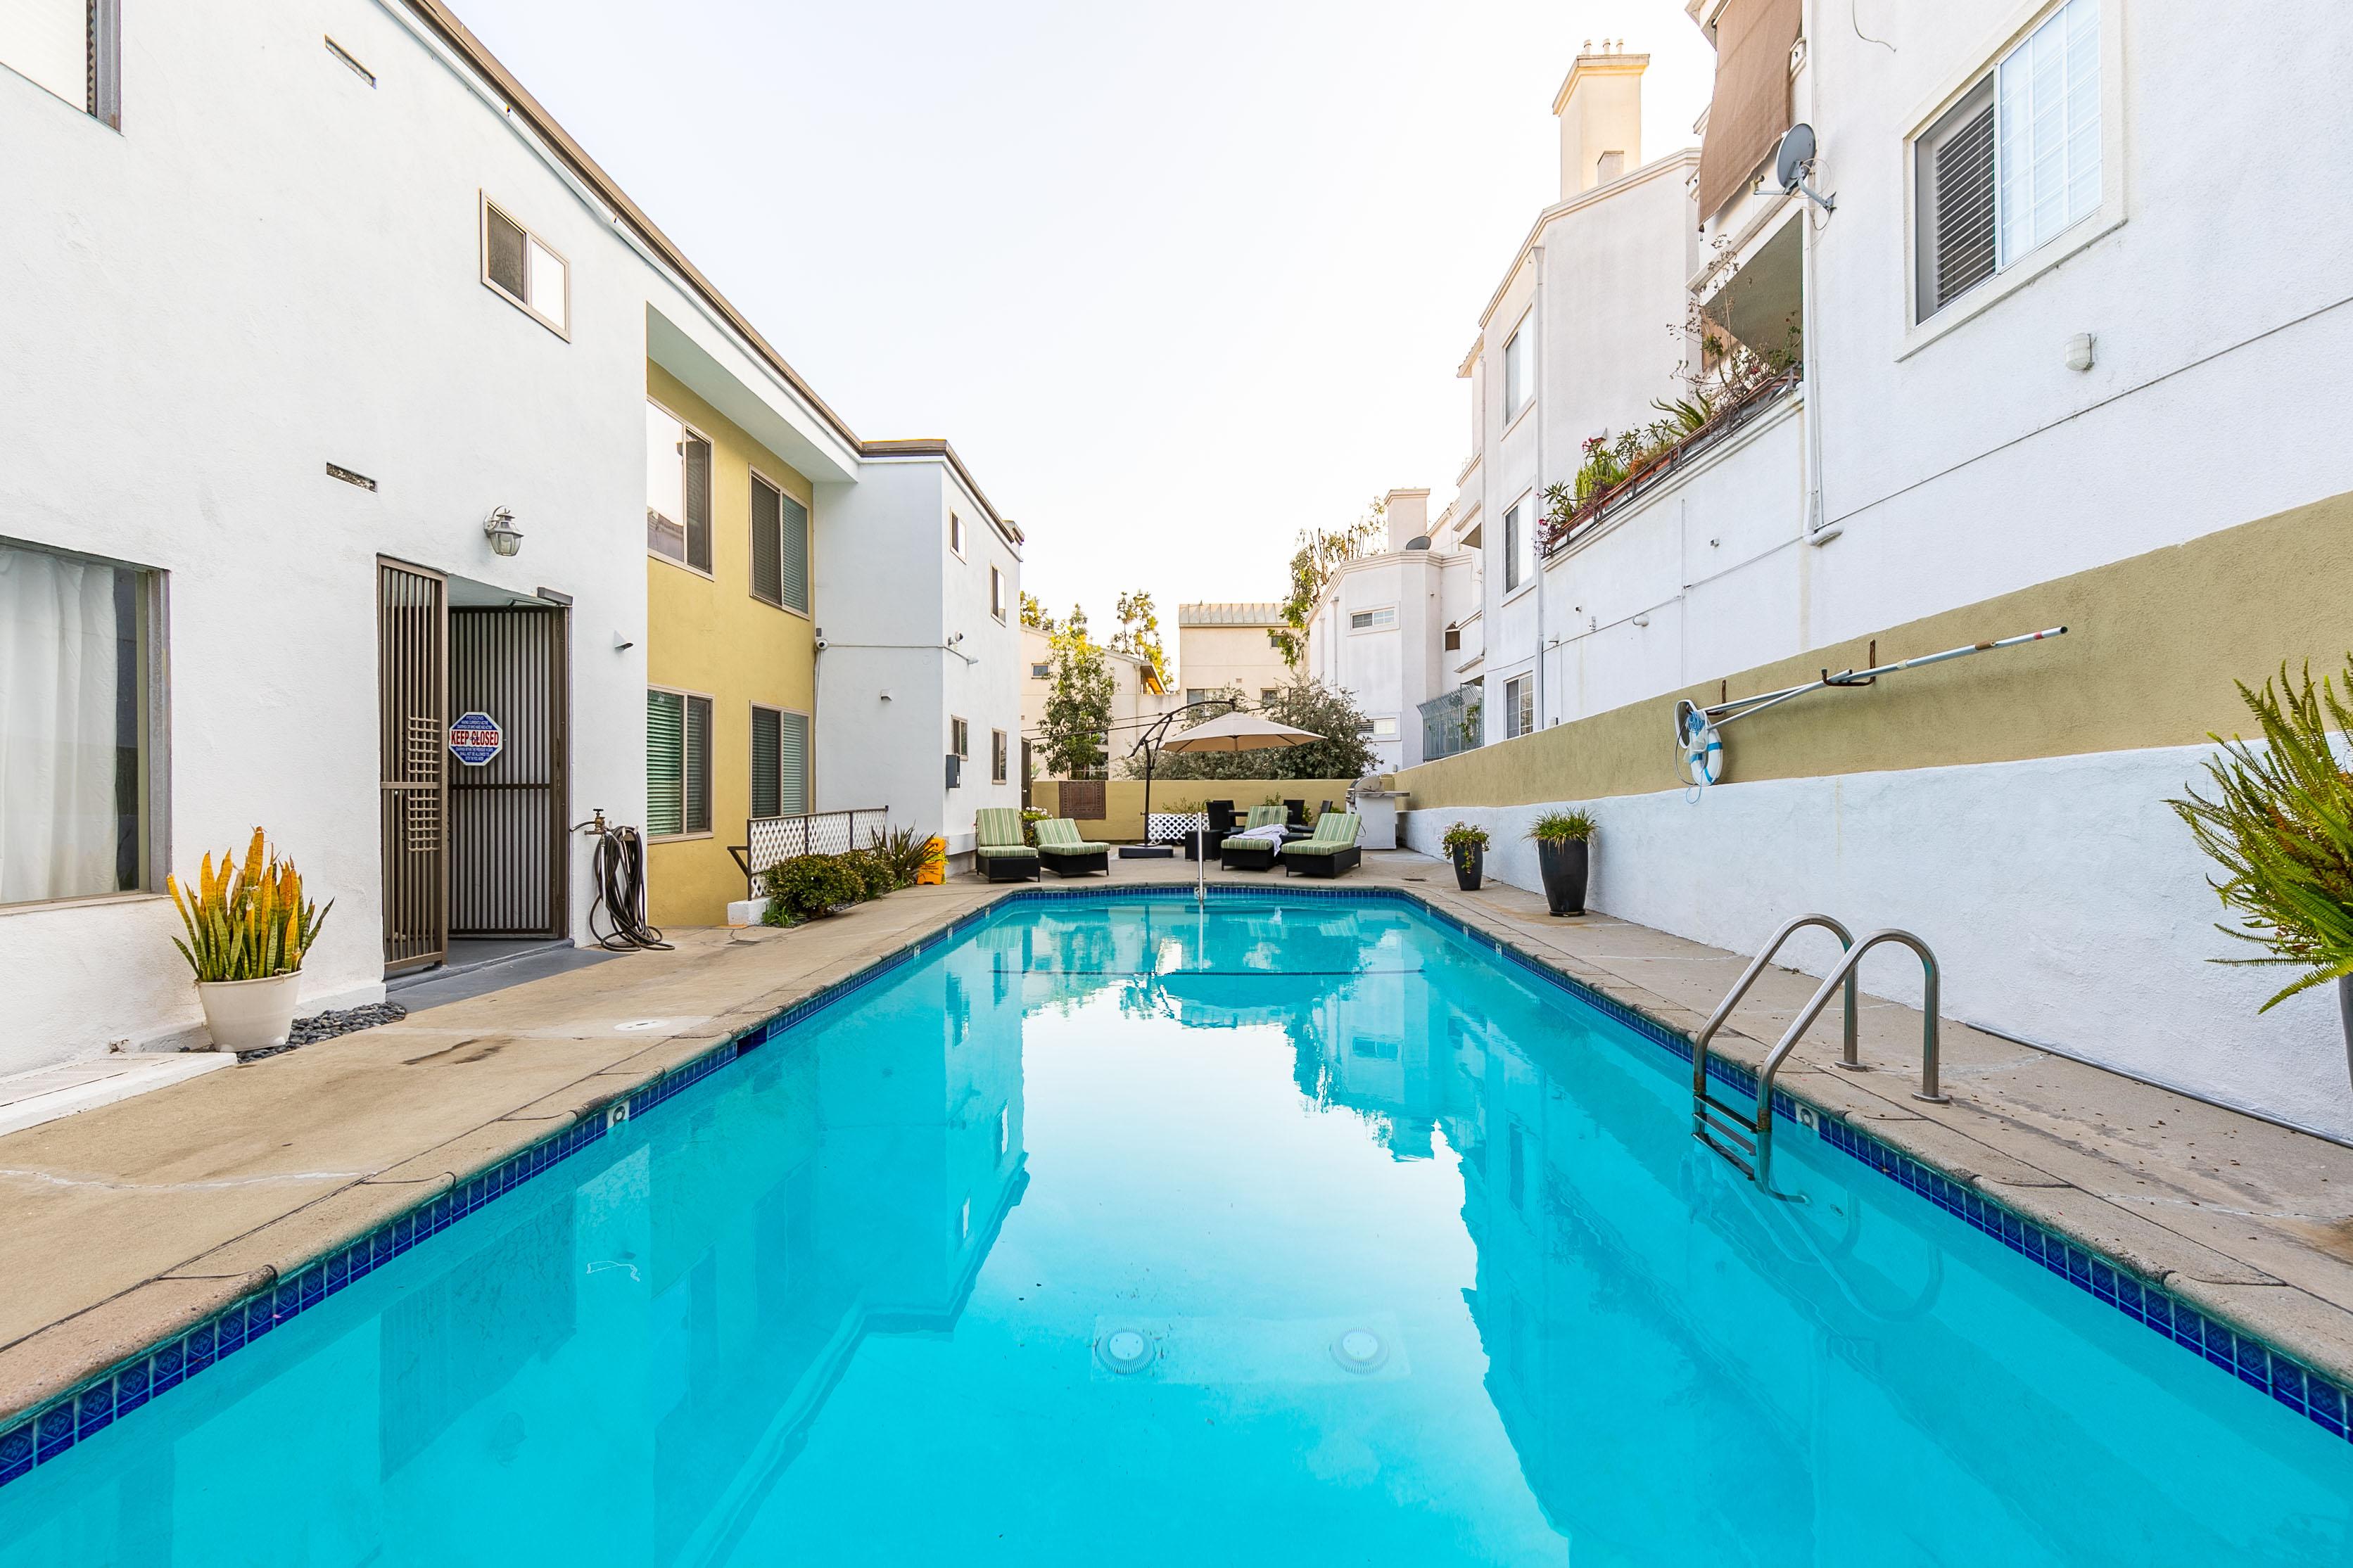 Darling & Modern 1BR/1BA w/ 1 Parking in Hollywood Hills West w/ Pool & Grill Deck!